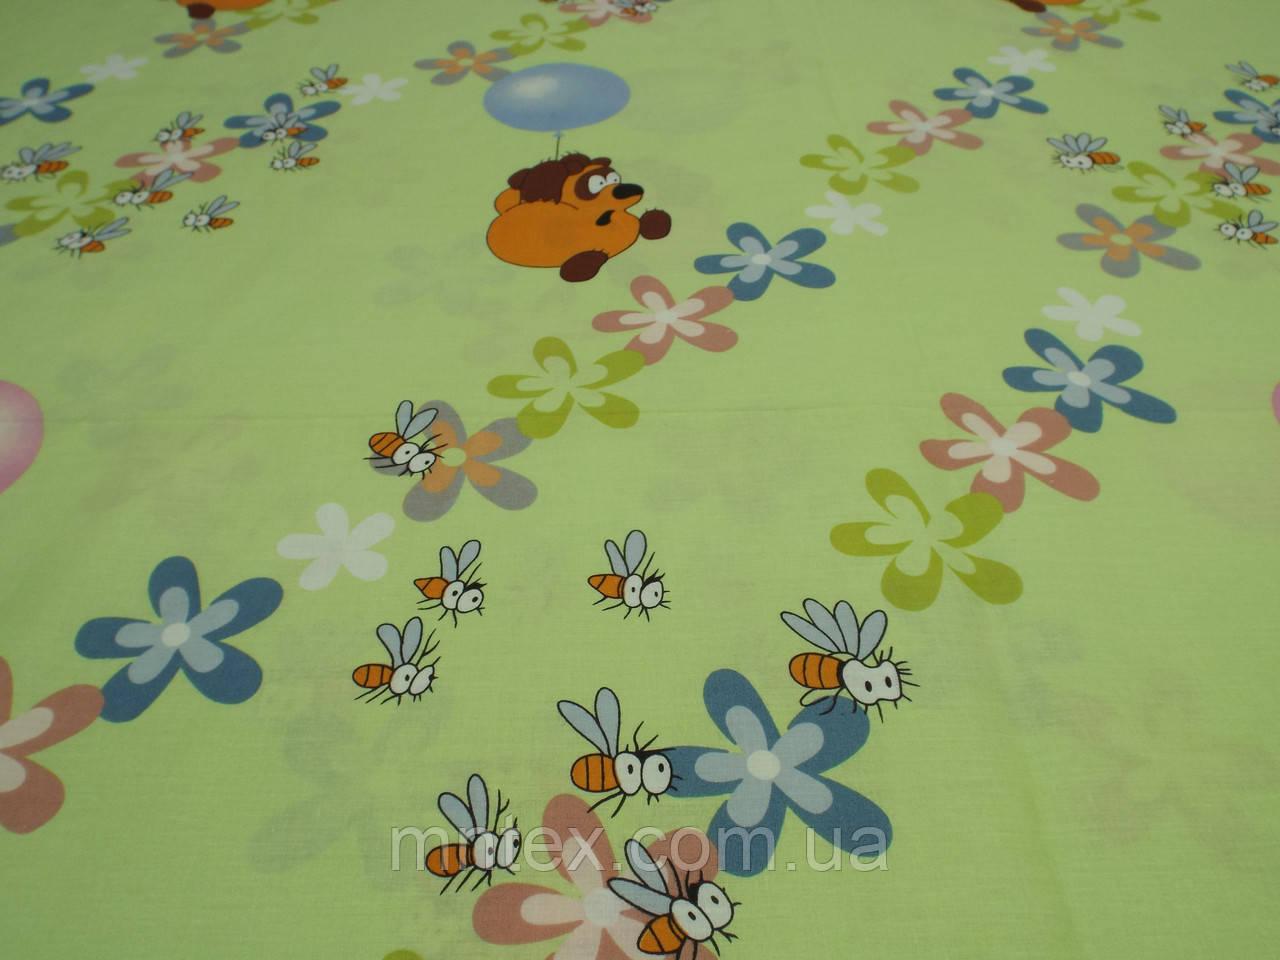 Ткань для пошива постельного белья ранфорс Пакистан, Пух на зеленом